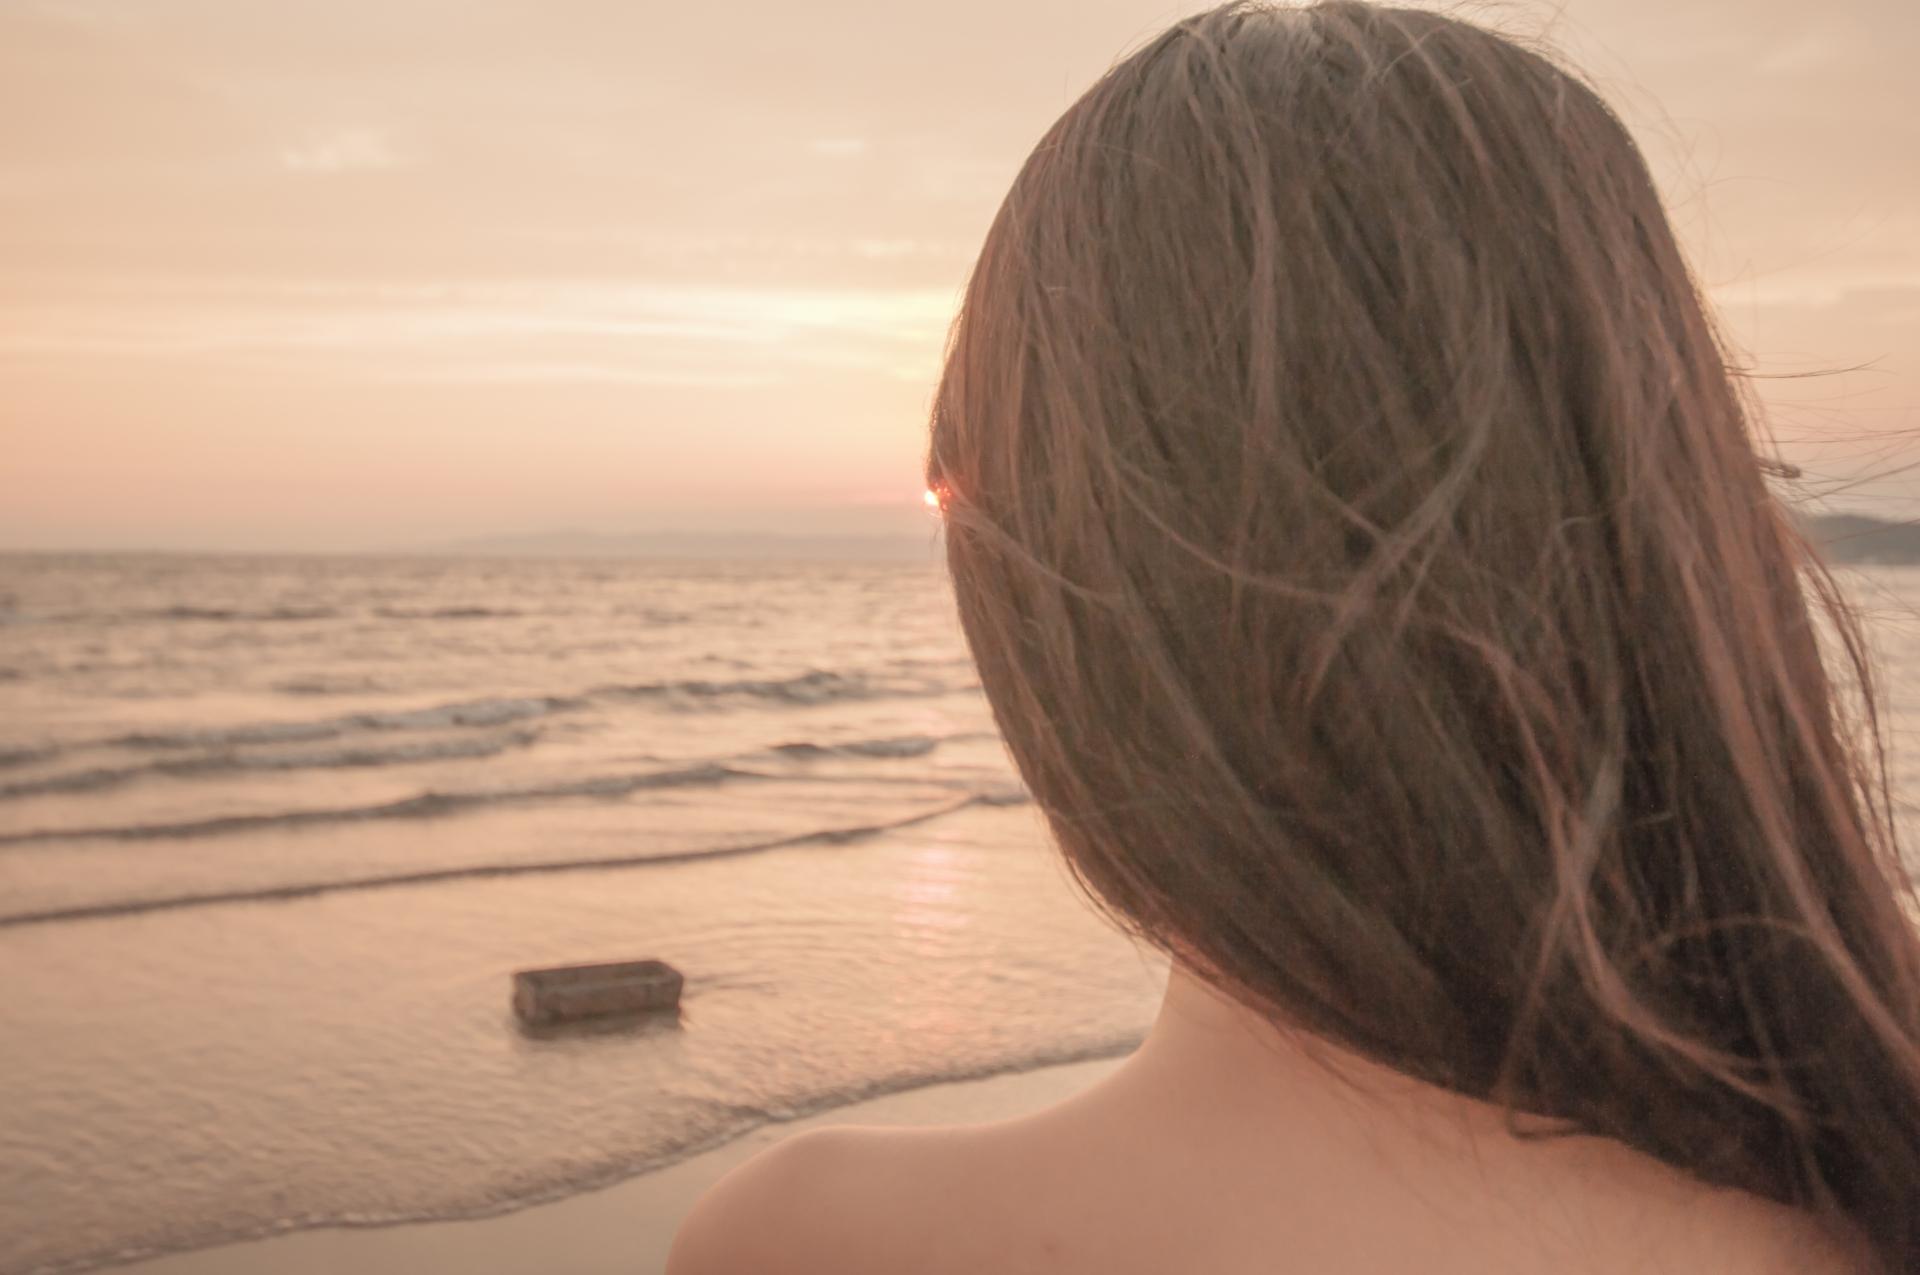 ヘアケアをして髪が綺麗になった女性